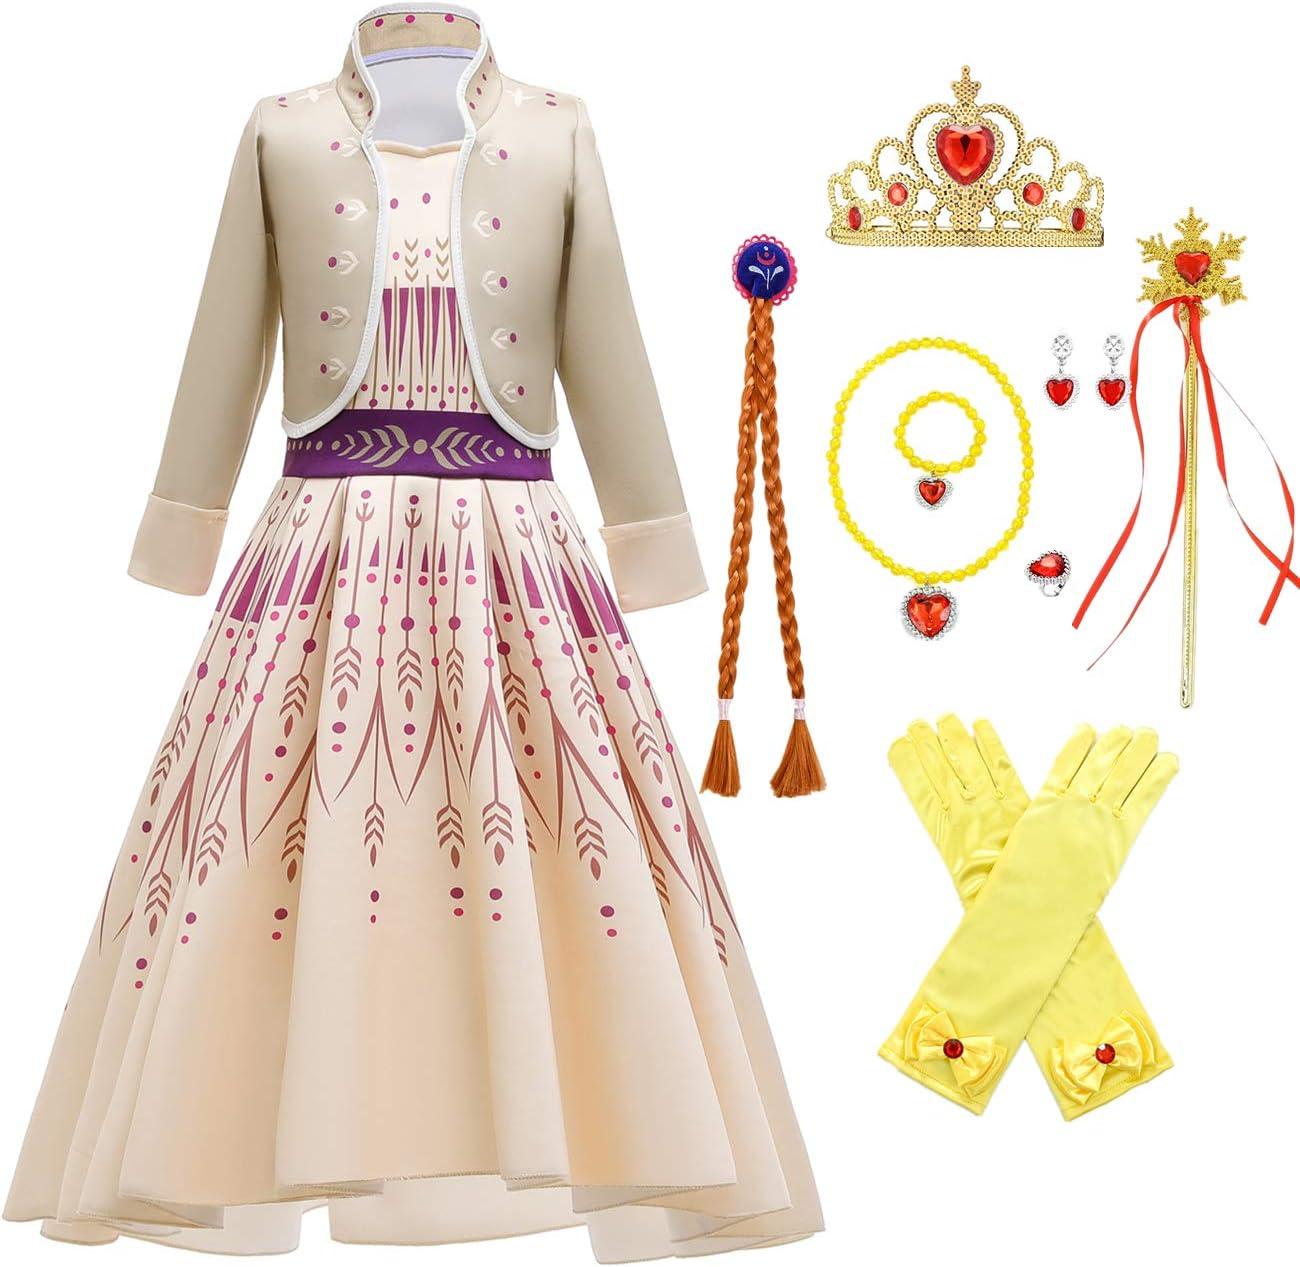 O.AMBW Elsa disfraz niña Anna Princess falda amarilla 2 piezas conjunto vestido de noche Halloween Navidad fiesta cumpleaños mascarada película cosplay disfraz copo de nieve palillo corona peluca 3-10